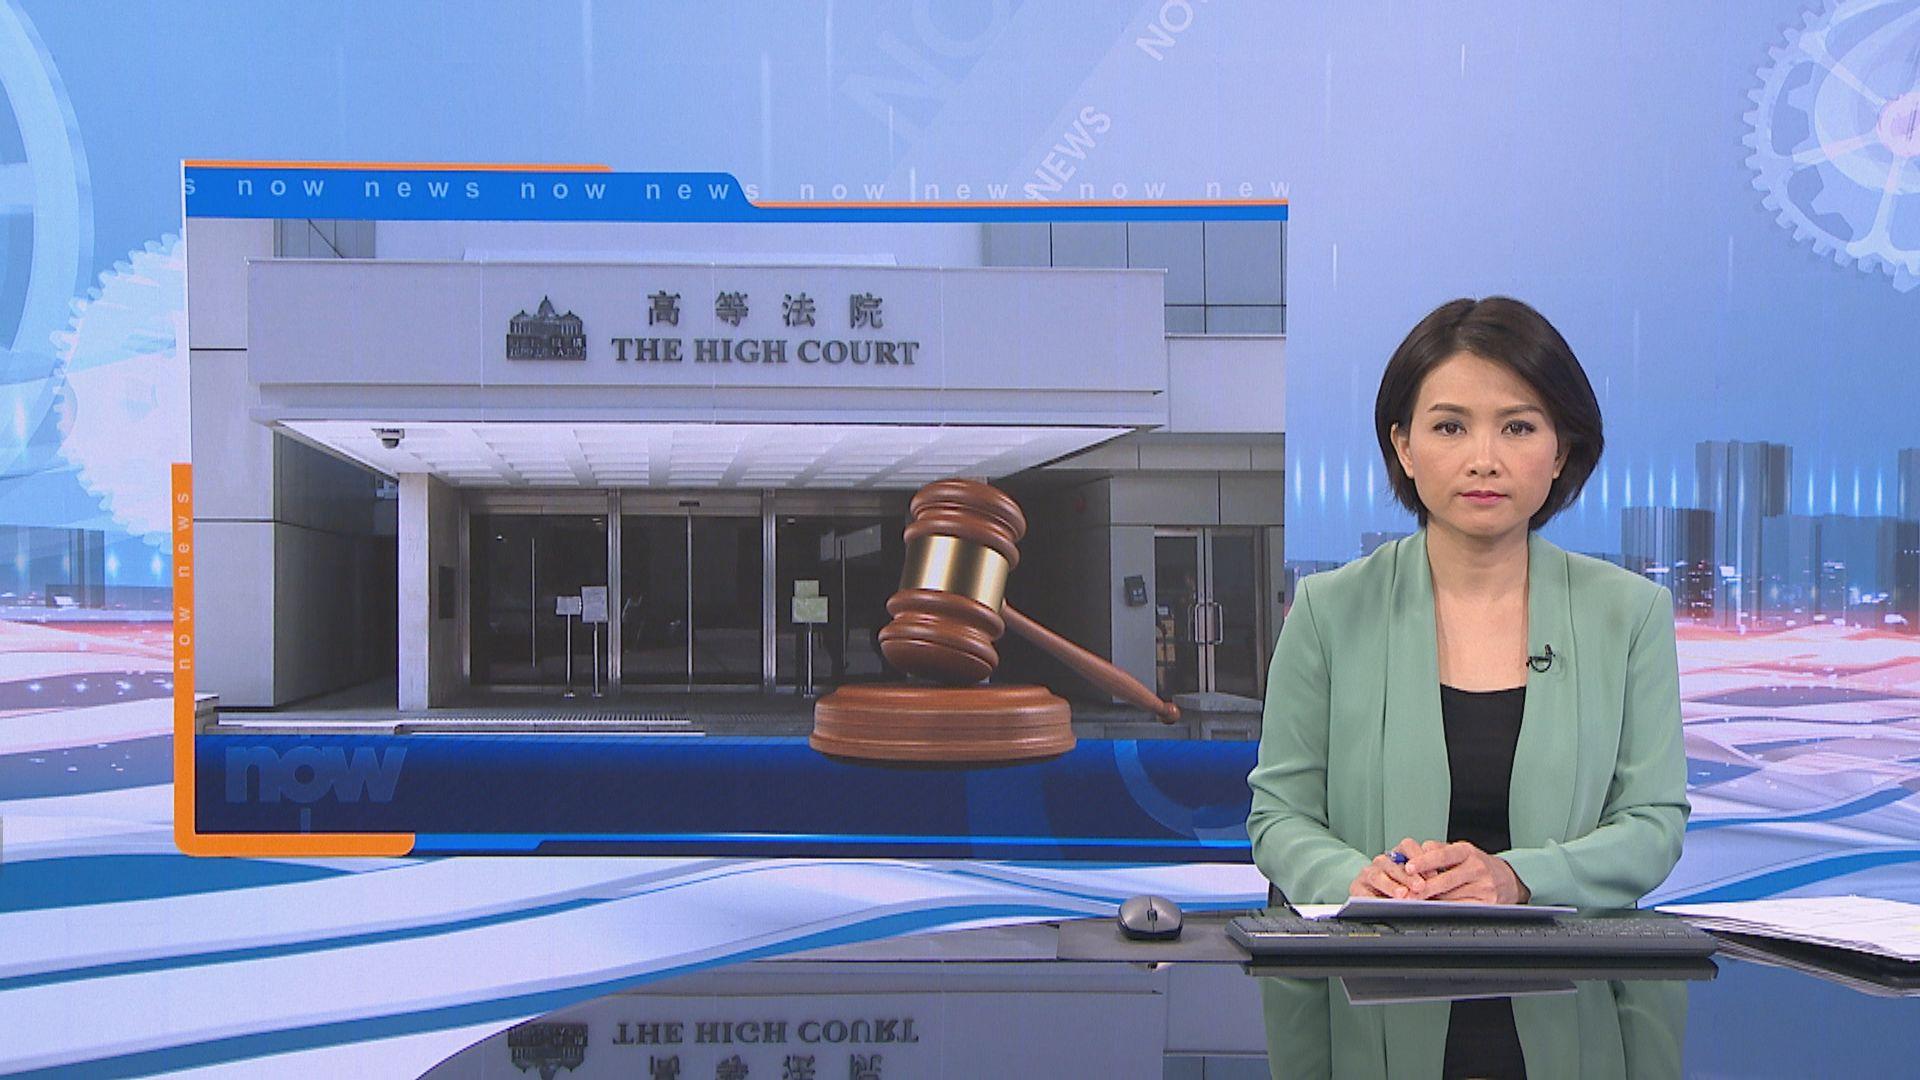 高院拒絕泛民申請就禁蒙面法批臨時禁制令